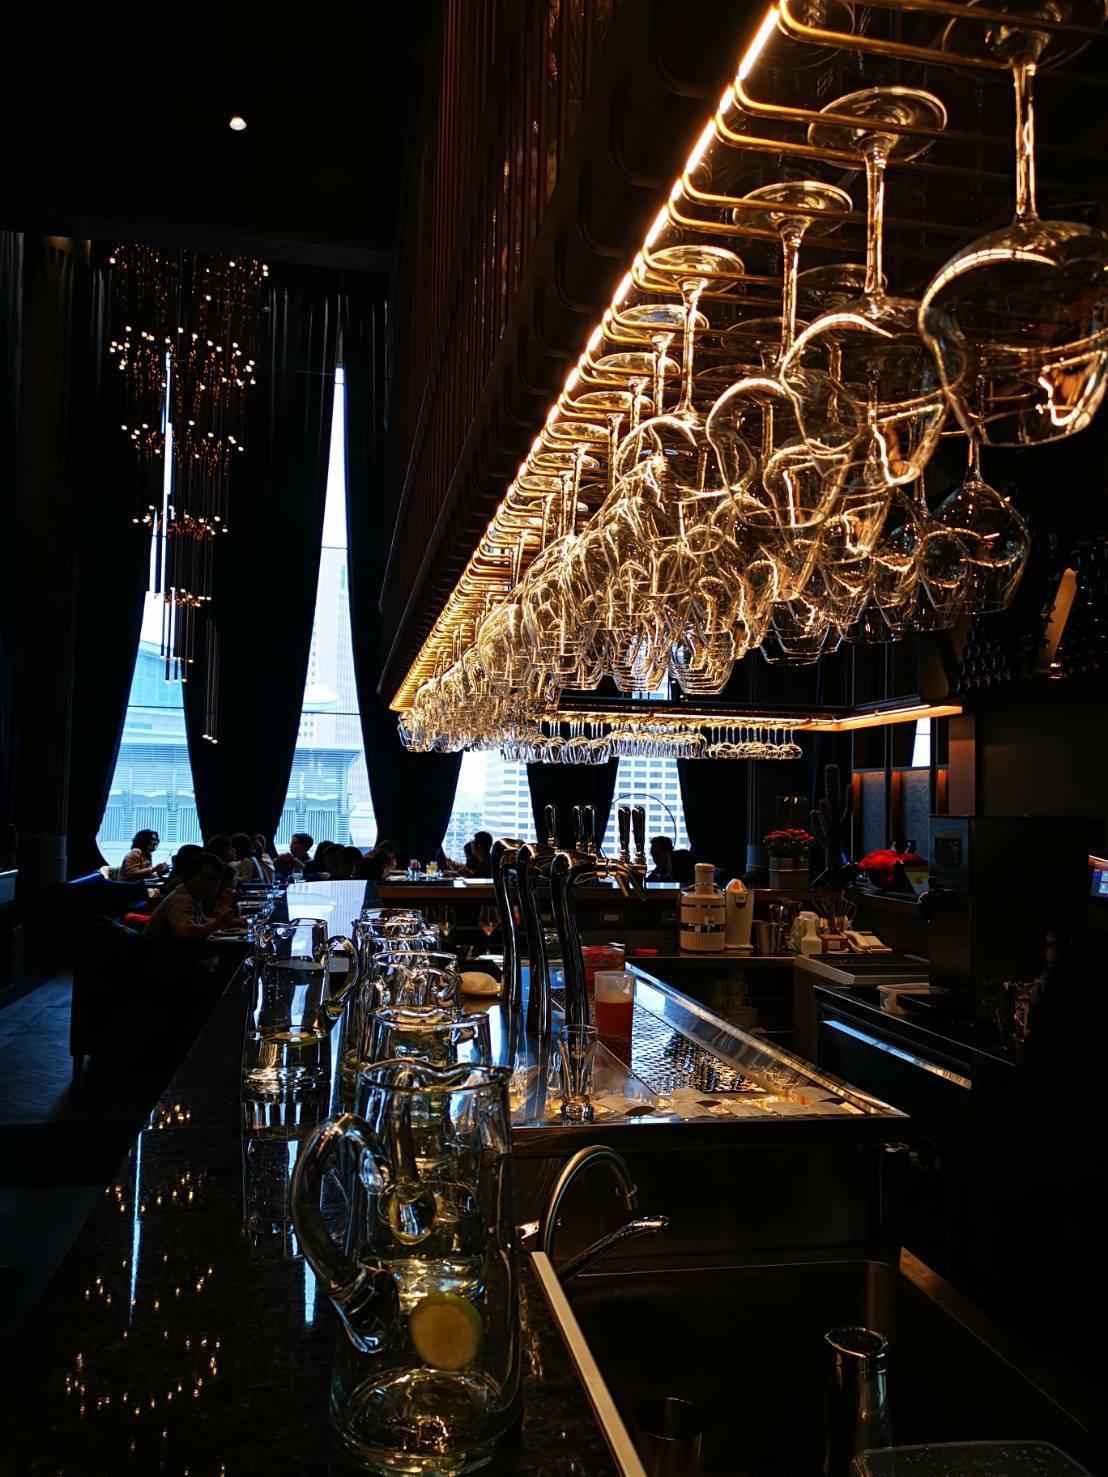 UMAMI的吧台設計,高腳杯倒吊並搭配金黃色燈光,營造時尚奢華感。記者韓化宇/攝...